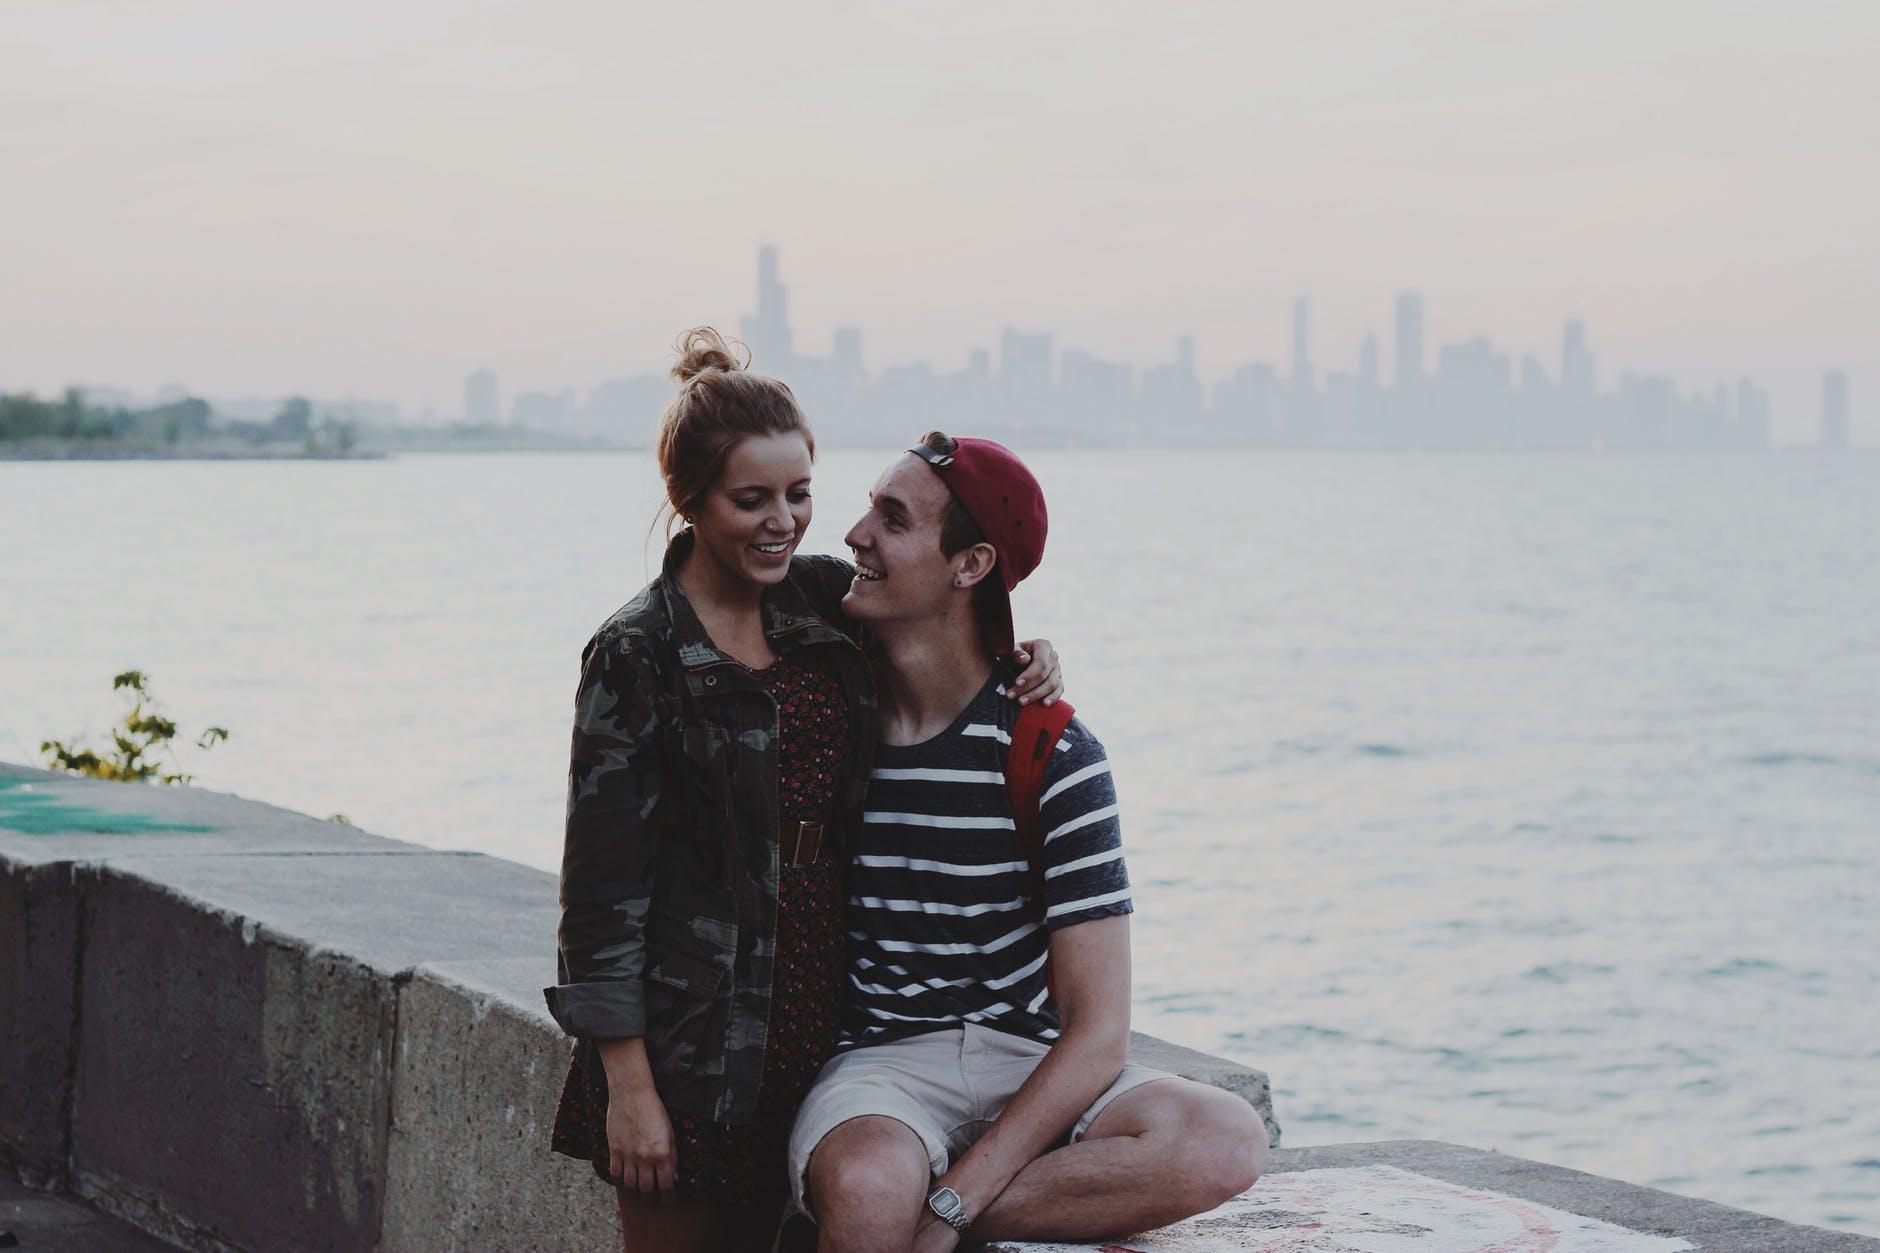 Što kad oboje očekuje da ih ono drugo usreći?